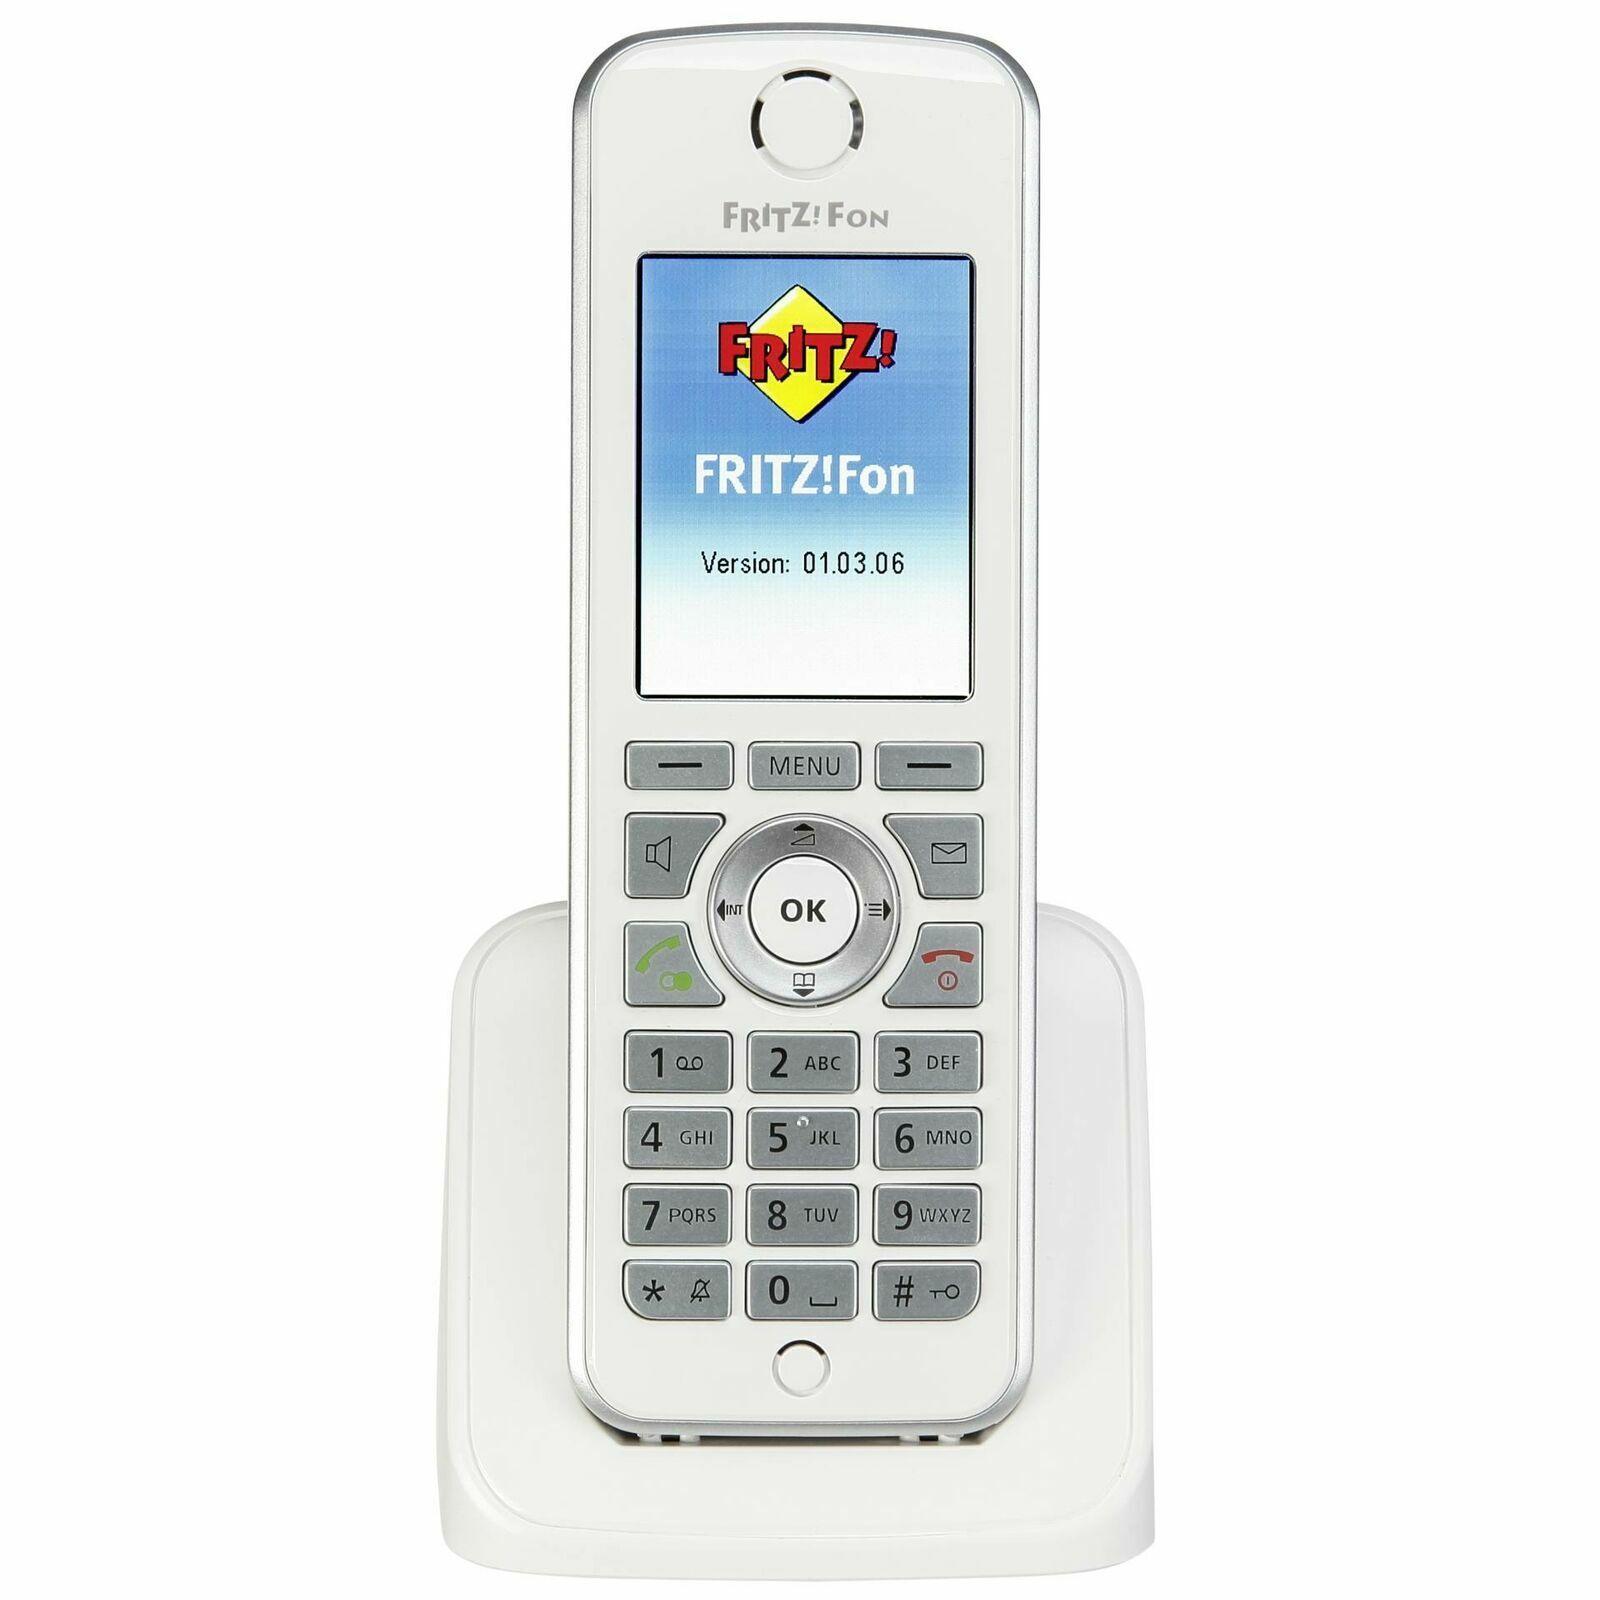 AVM FRITZ!Fon C4 Telefon Weiß, DECT für FritzBox 7580 7590 Farbdisplay 20002624